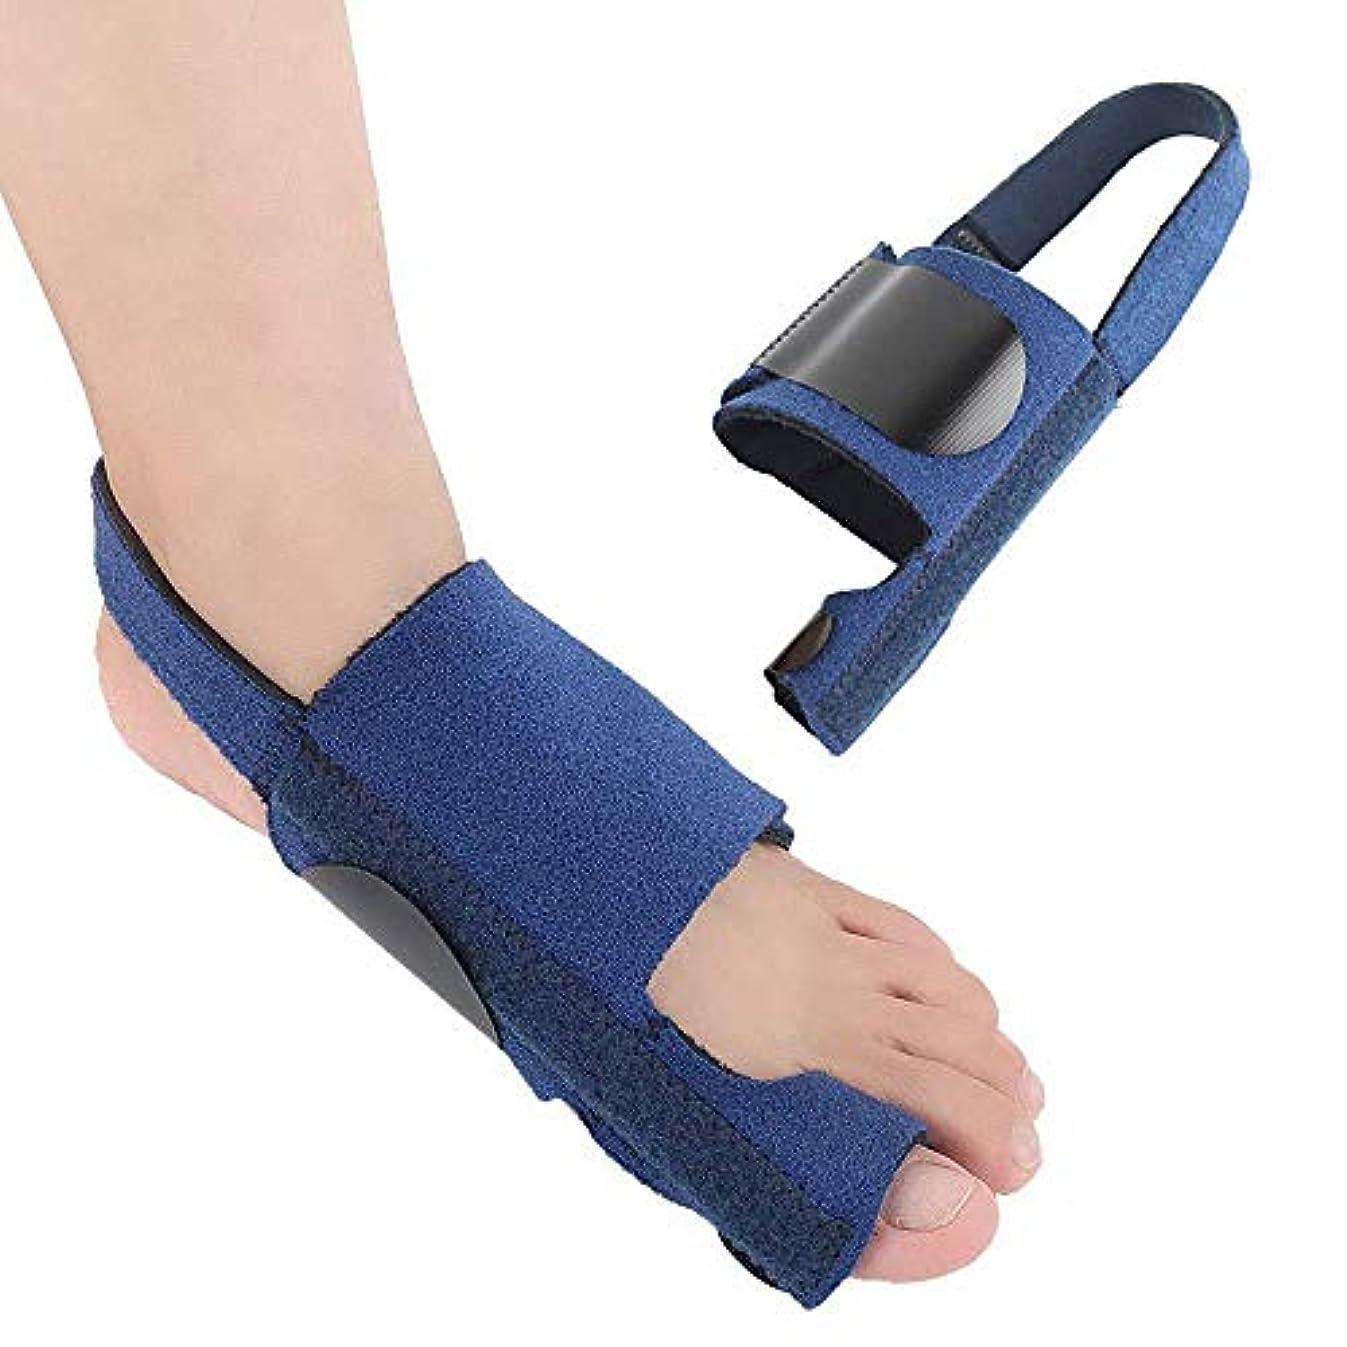 ケーブルカー労働モート外反母ortho装具、装具アーチサポートゲル大足矯正スプリント、夜間および昼間の扁平足の痛みの緩和の男性と女性,Left Foot